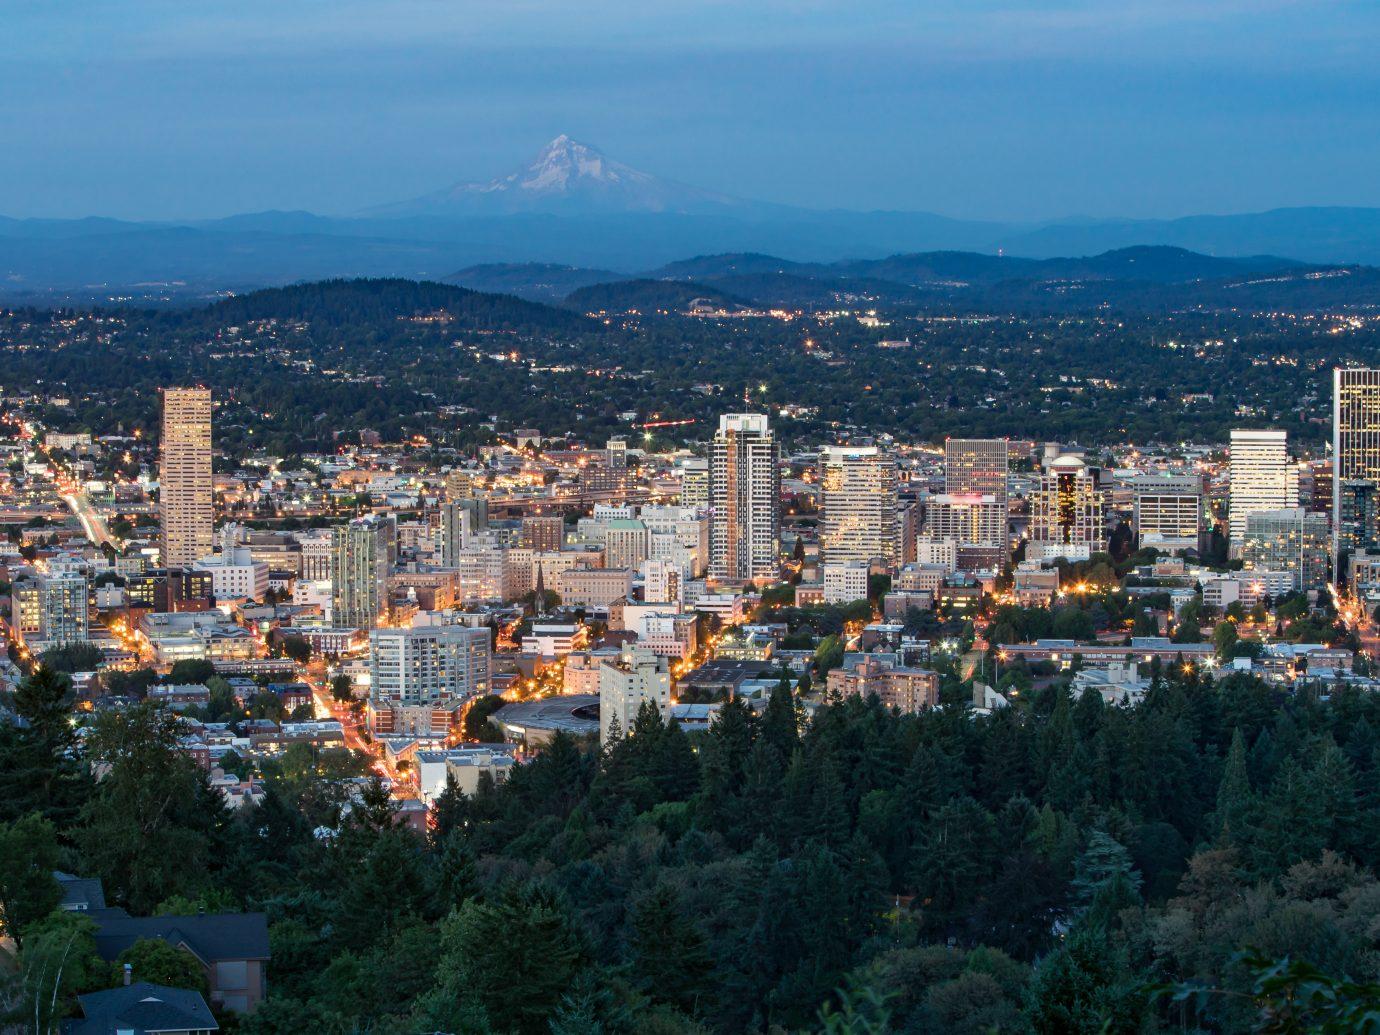 Night City Skyline of Portland, Oregon